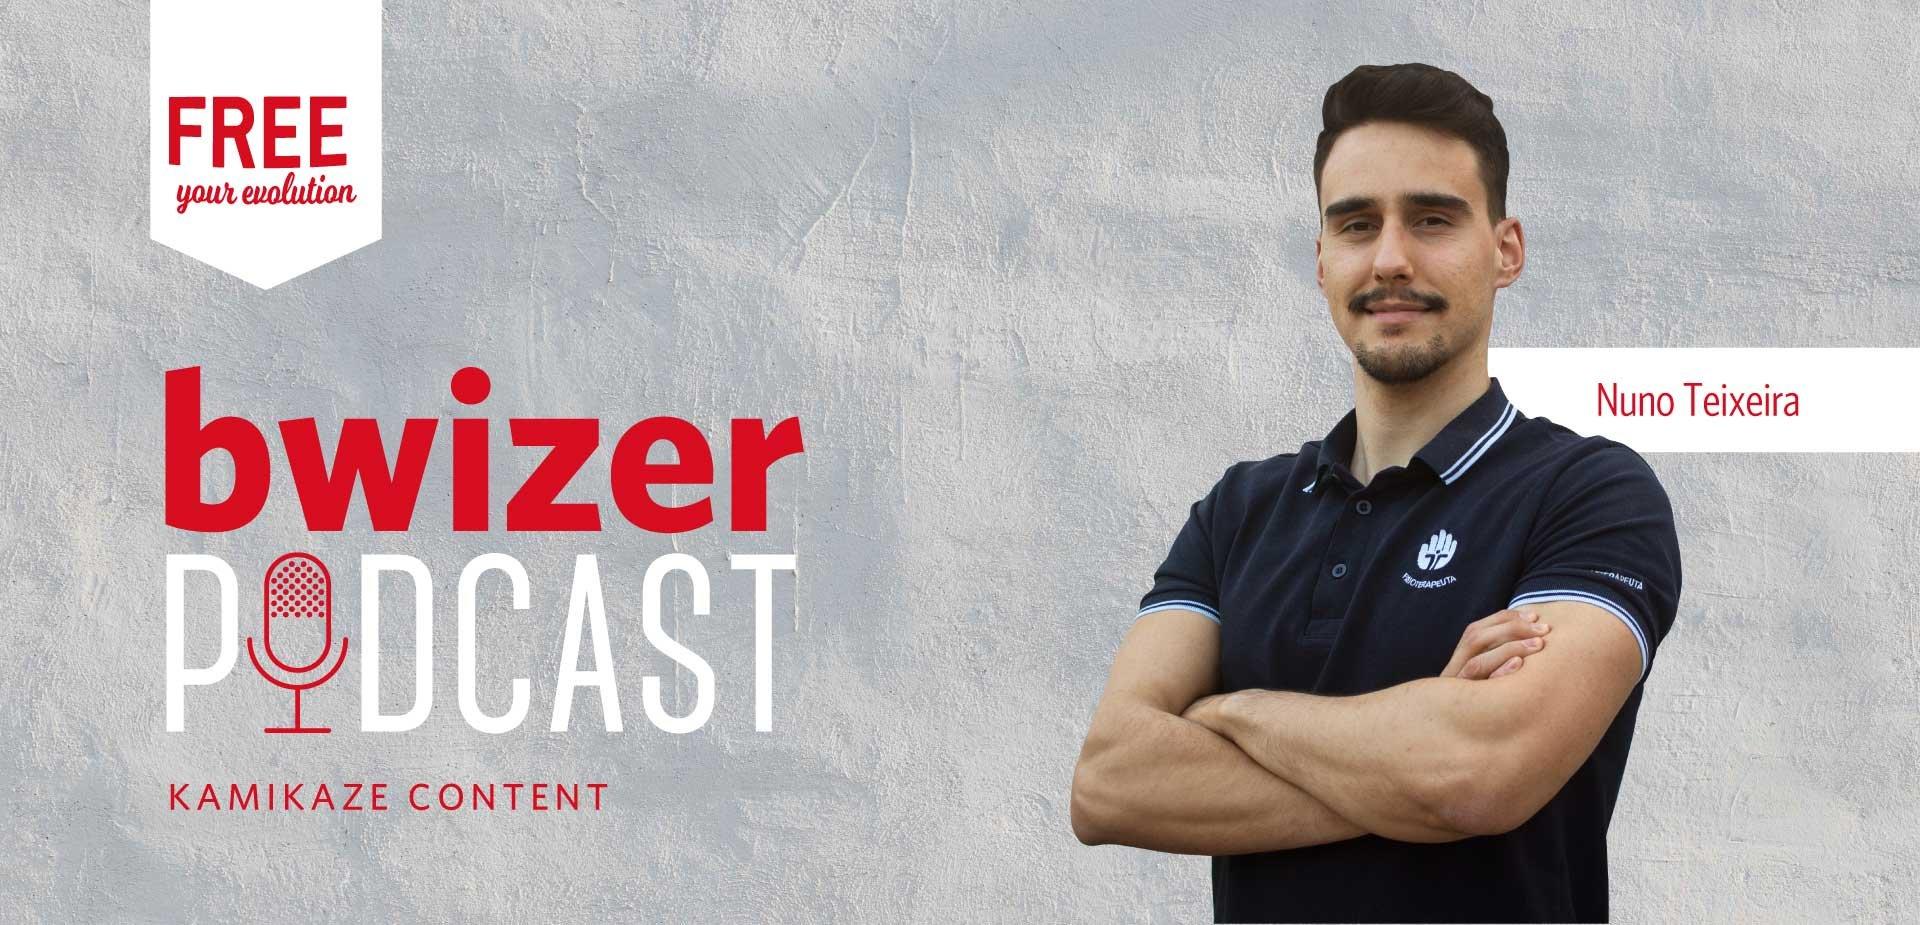 Kamikaze Content - Bwizer Podcast | Episódio 1: Nuno Teixeira